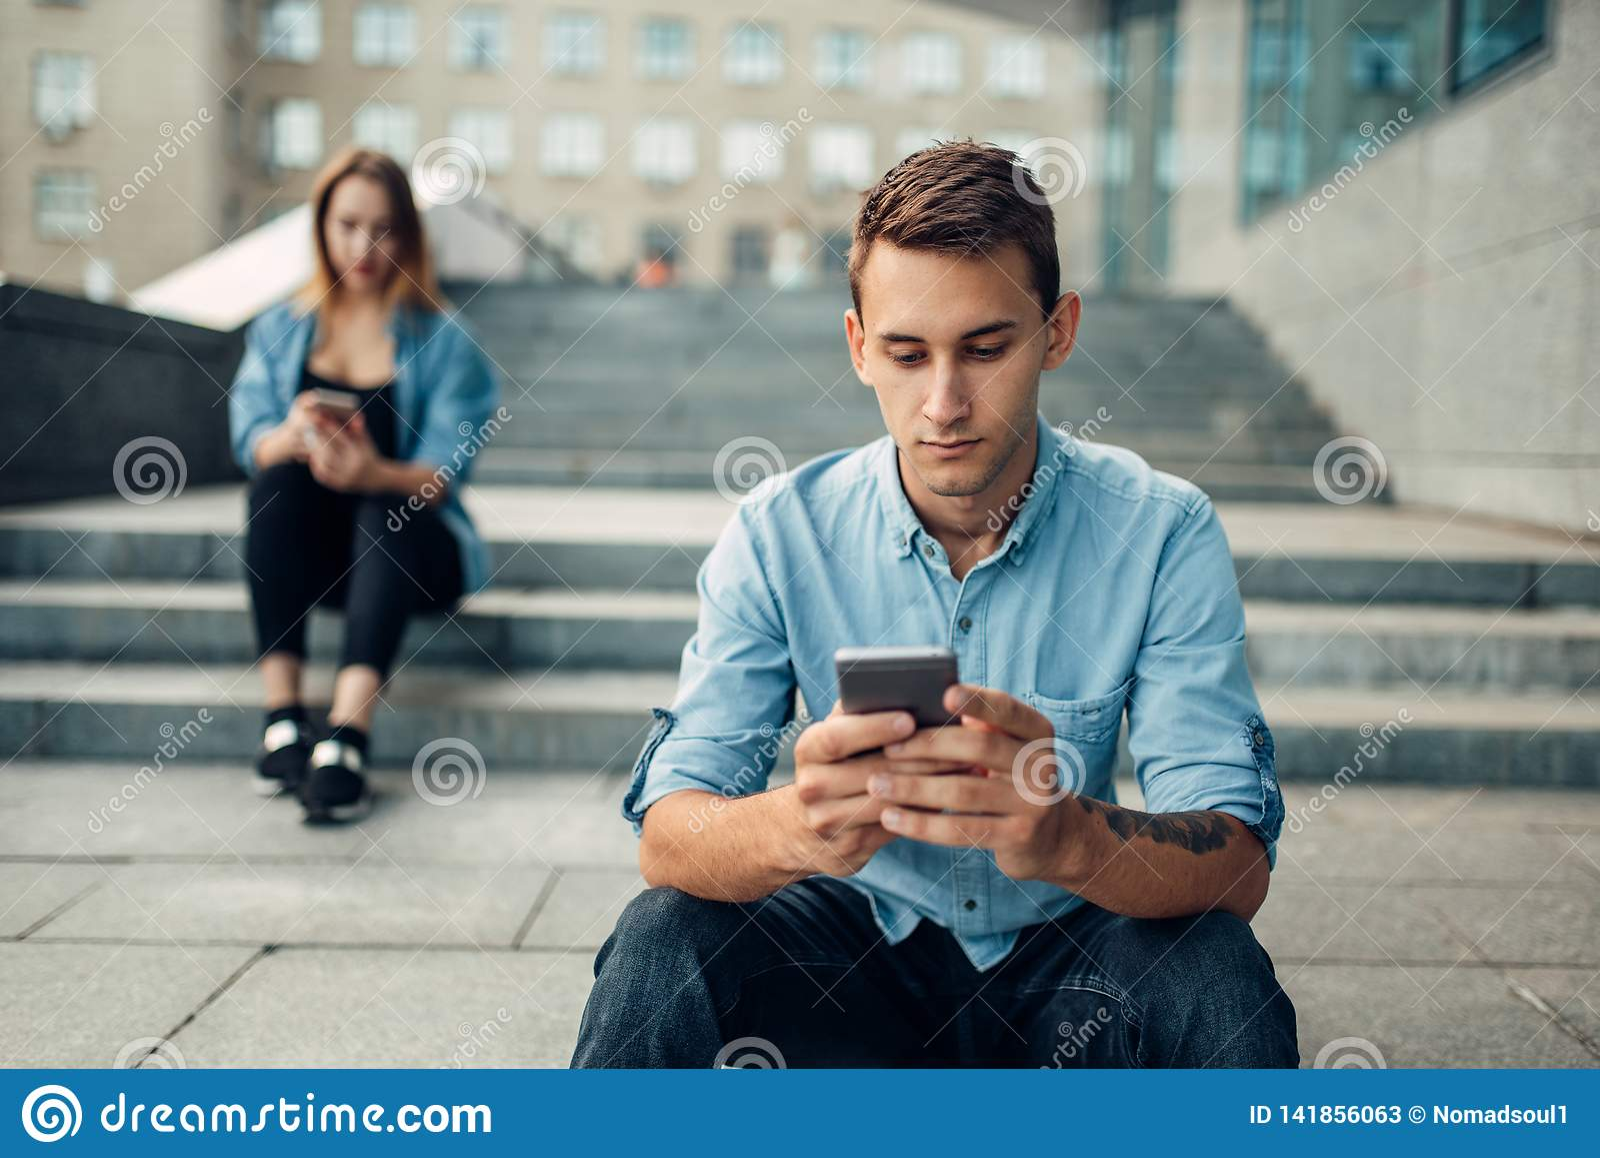 Dépendance de téléphone, personnes dépendantes, mode de vie moderne